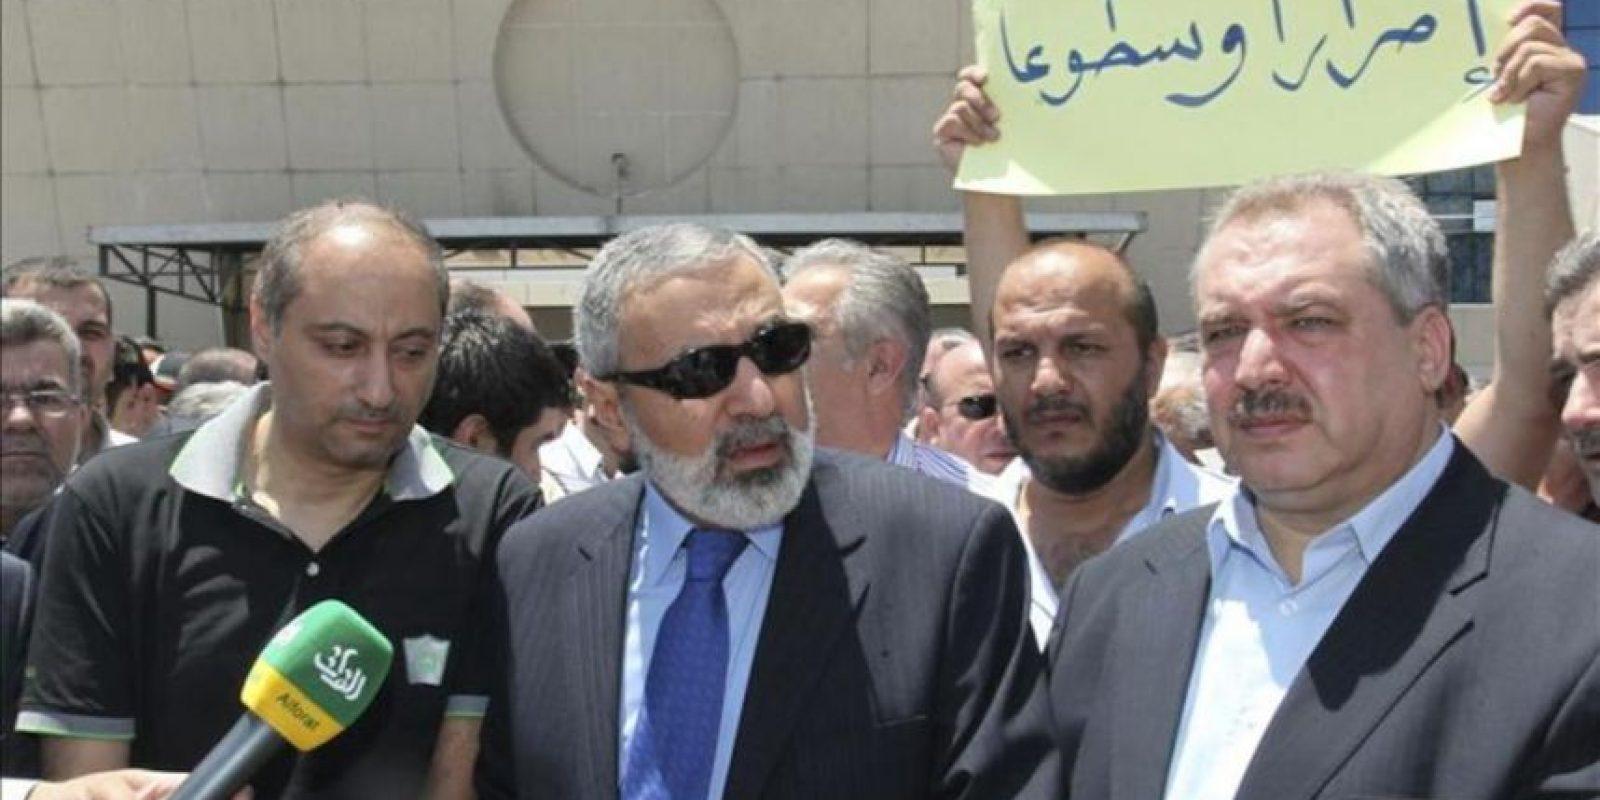 El ministro de Información sirio, Omran El Zoabi (c), el director del canal de televisión sirio Al Ikhbariya, Imad Sara (izq), y el presiente del Consejo Nacional de Medios de Comunicación sirio, Taleb Qadhi Amin (dcha), atienden a la prensa a las puertas de la Corporación de la Televisión Siria, en Damasco (Siria), tras el ataque a la sede de la cadena Al Ikhbariya, en la zona de Drousha, hoy, miércoles 27 de junio. EFE